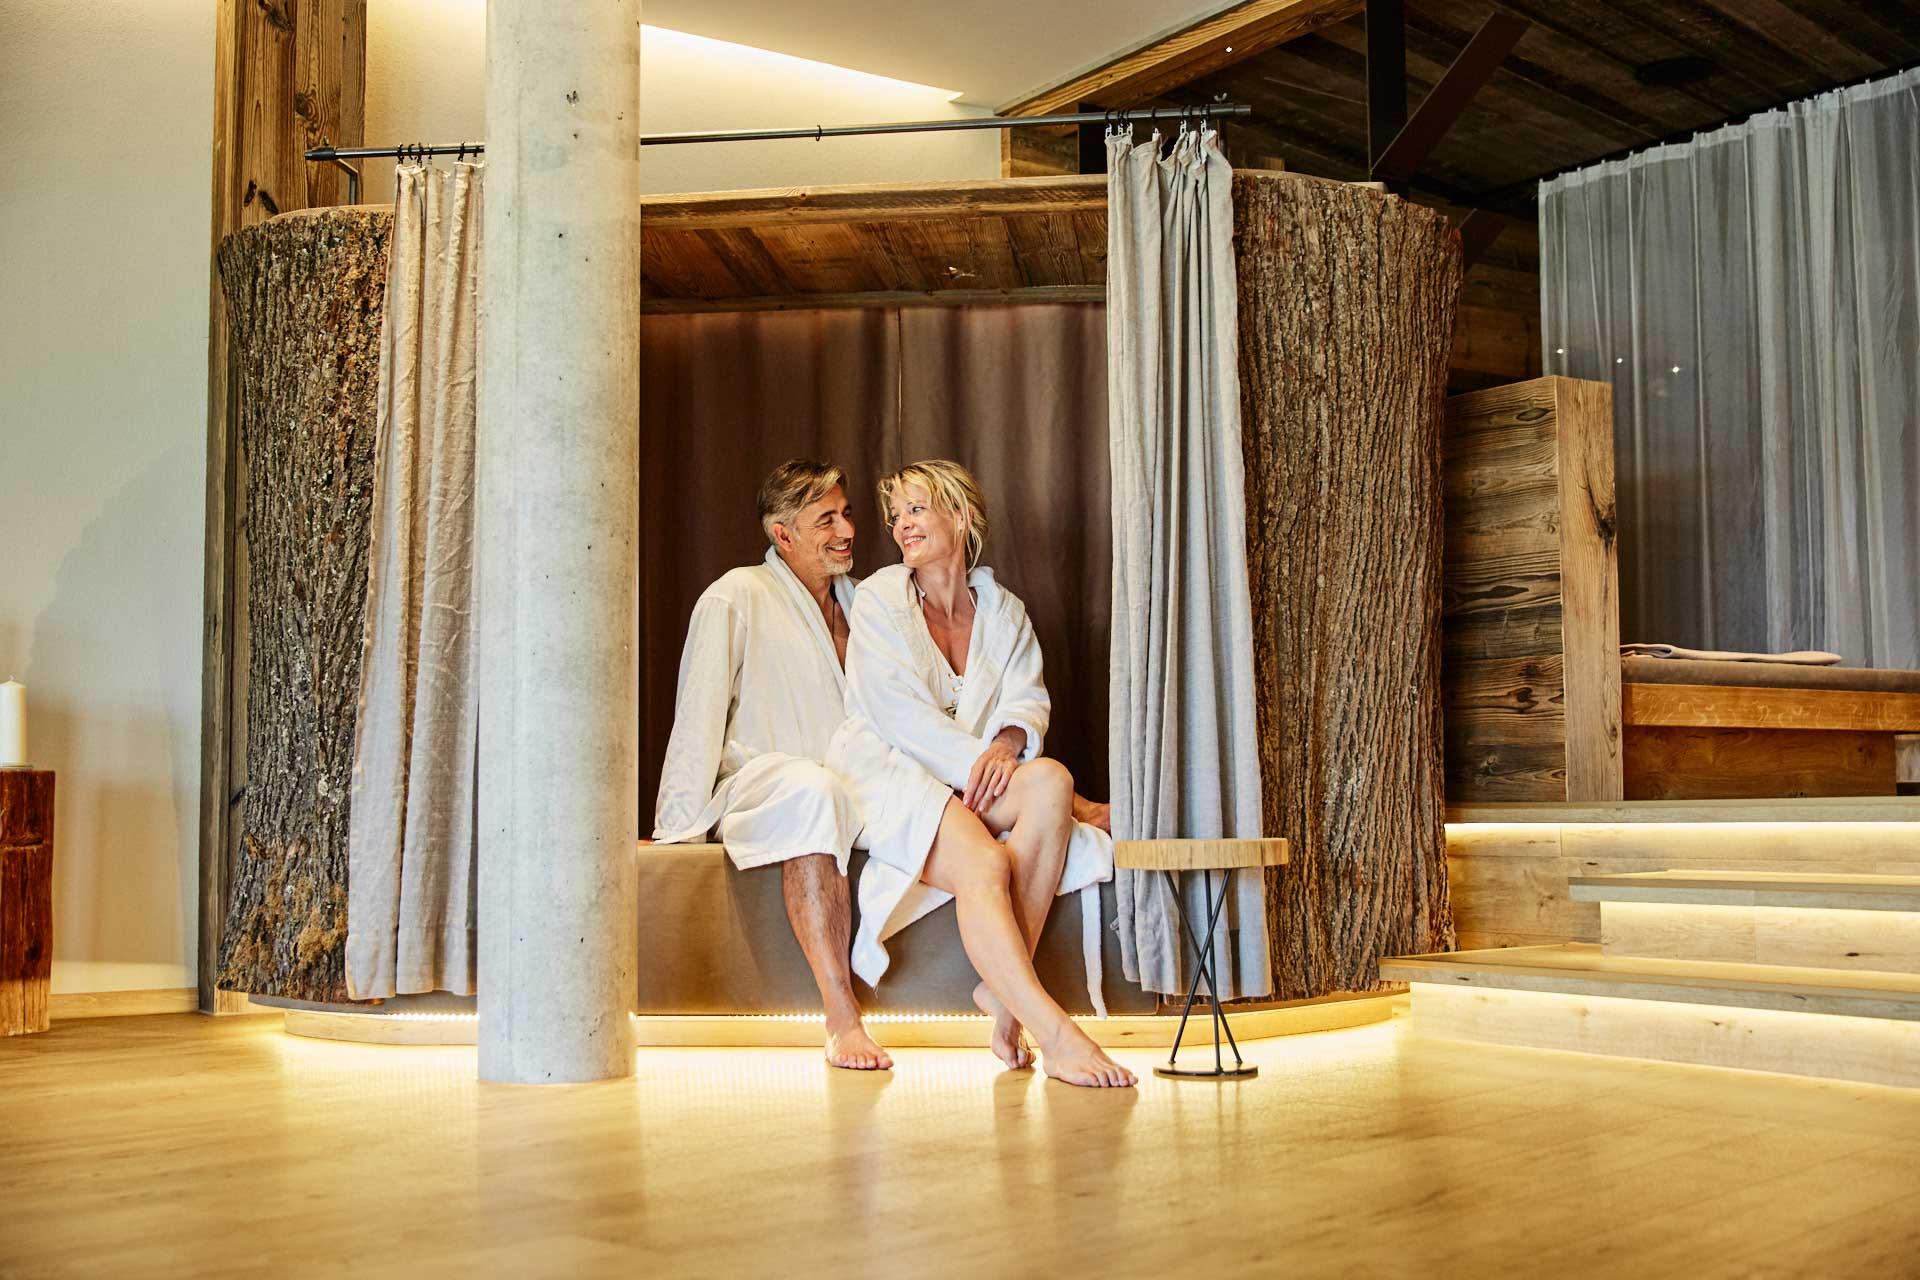 Uriger Ruhebereich zum entspannen im Wellnesshotel Bayerischer Wald